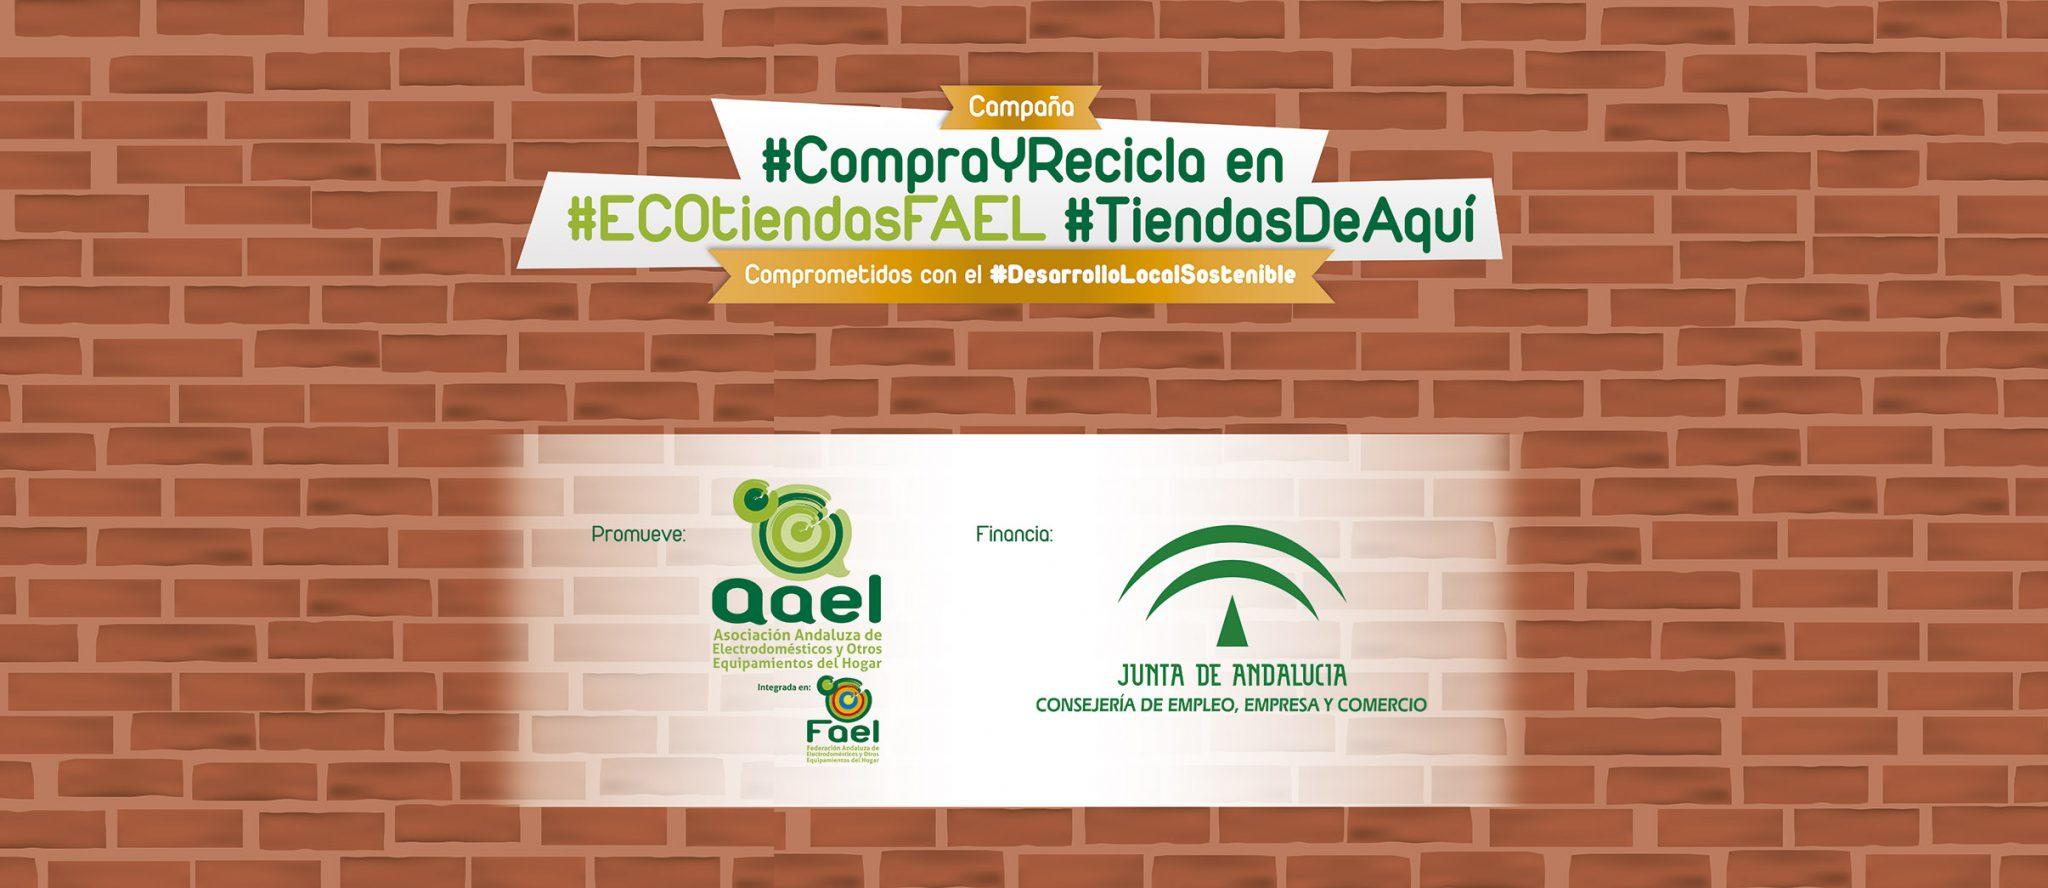 AAEL/FAEL pone en marcha la campaña #CompraYRecicla en #ECOTiendasFAEL, #TiendasDeAquí